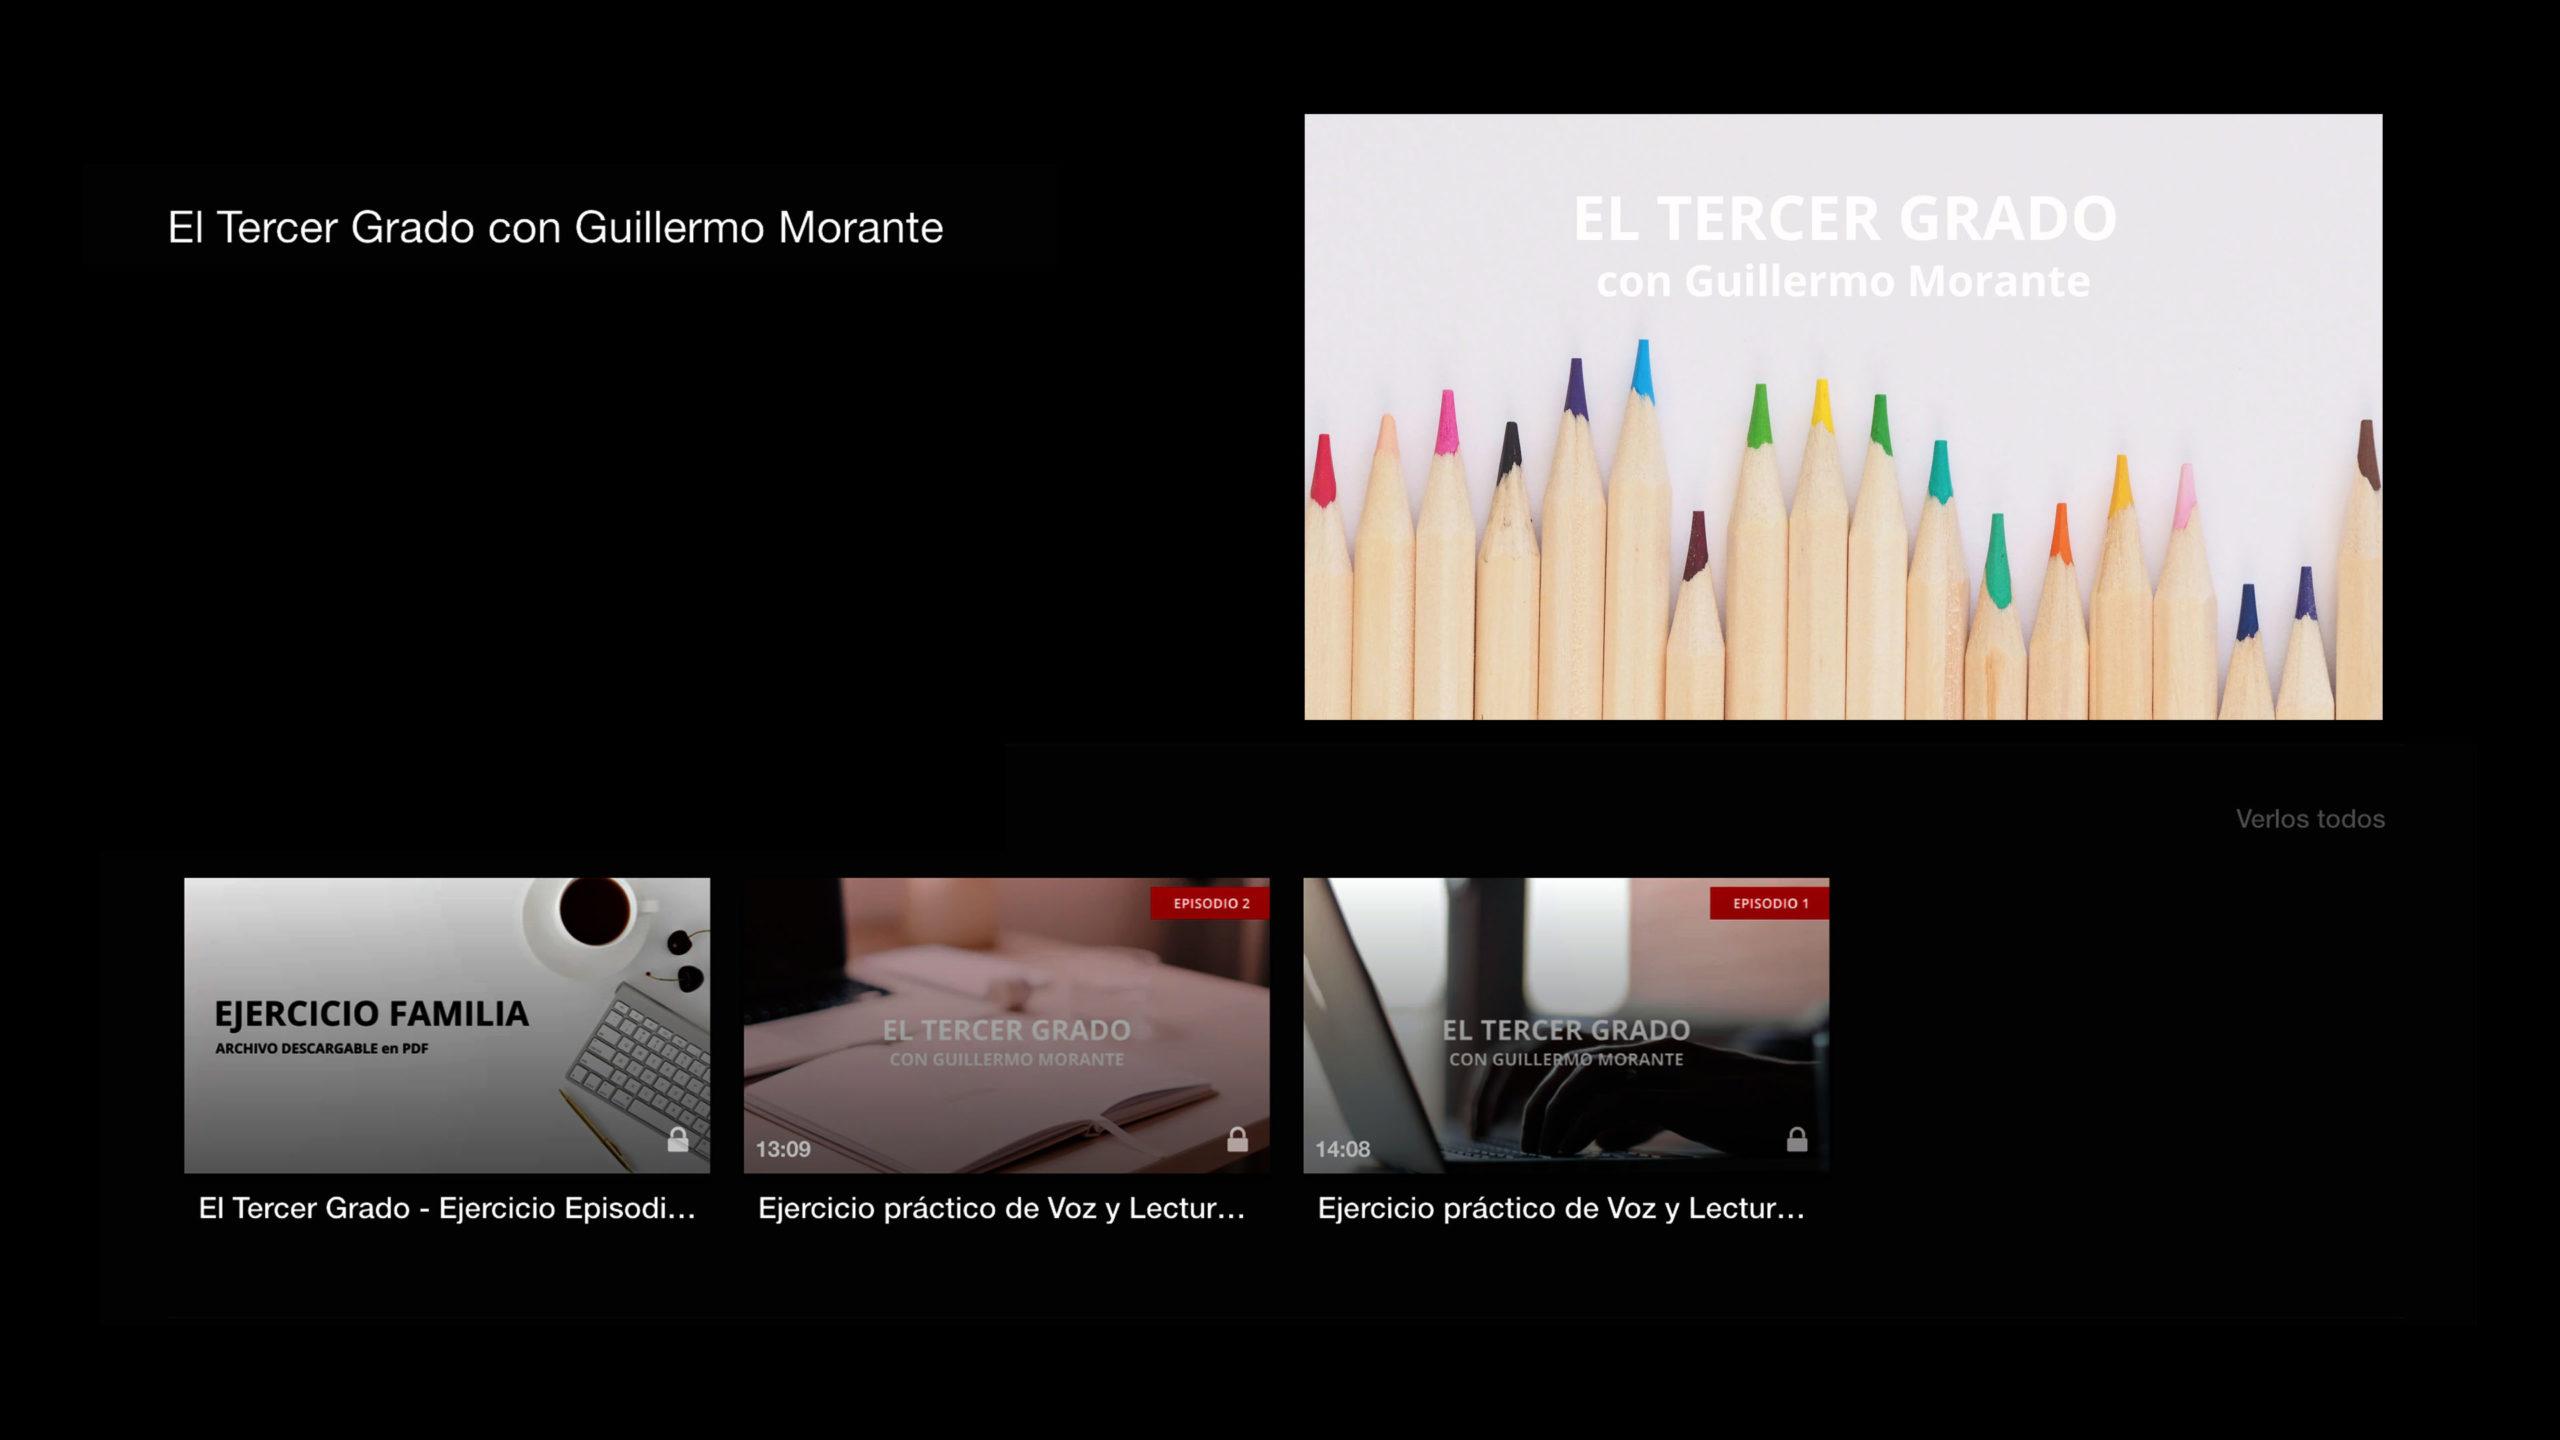 GUILLERMO MORANTE TV EL TERCER GRADO